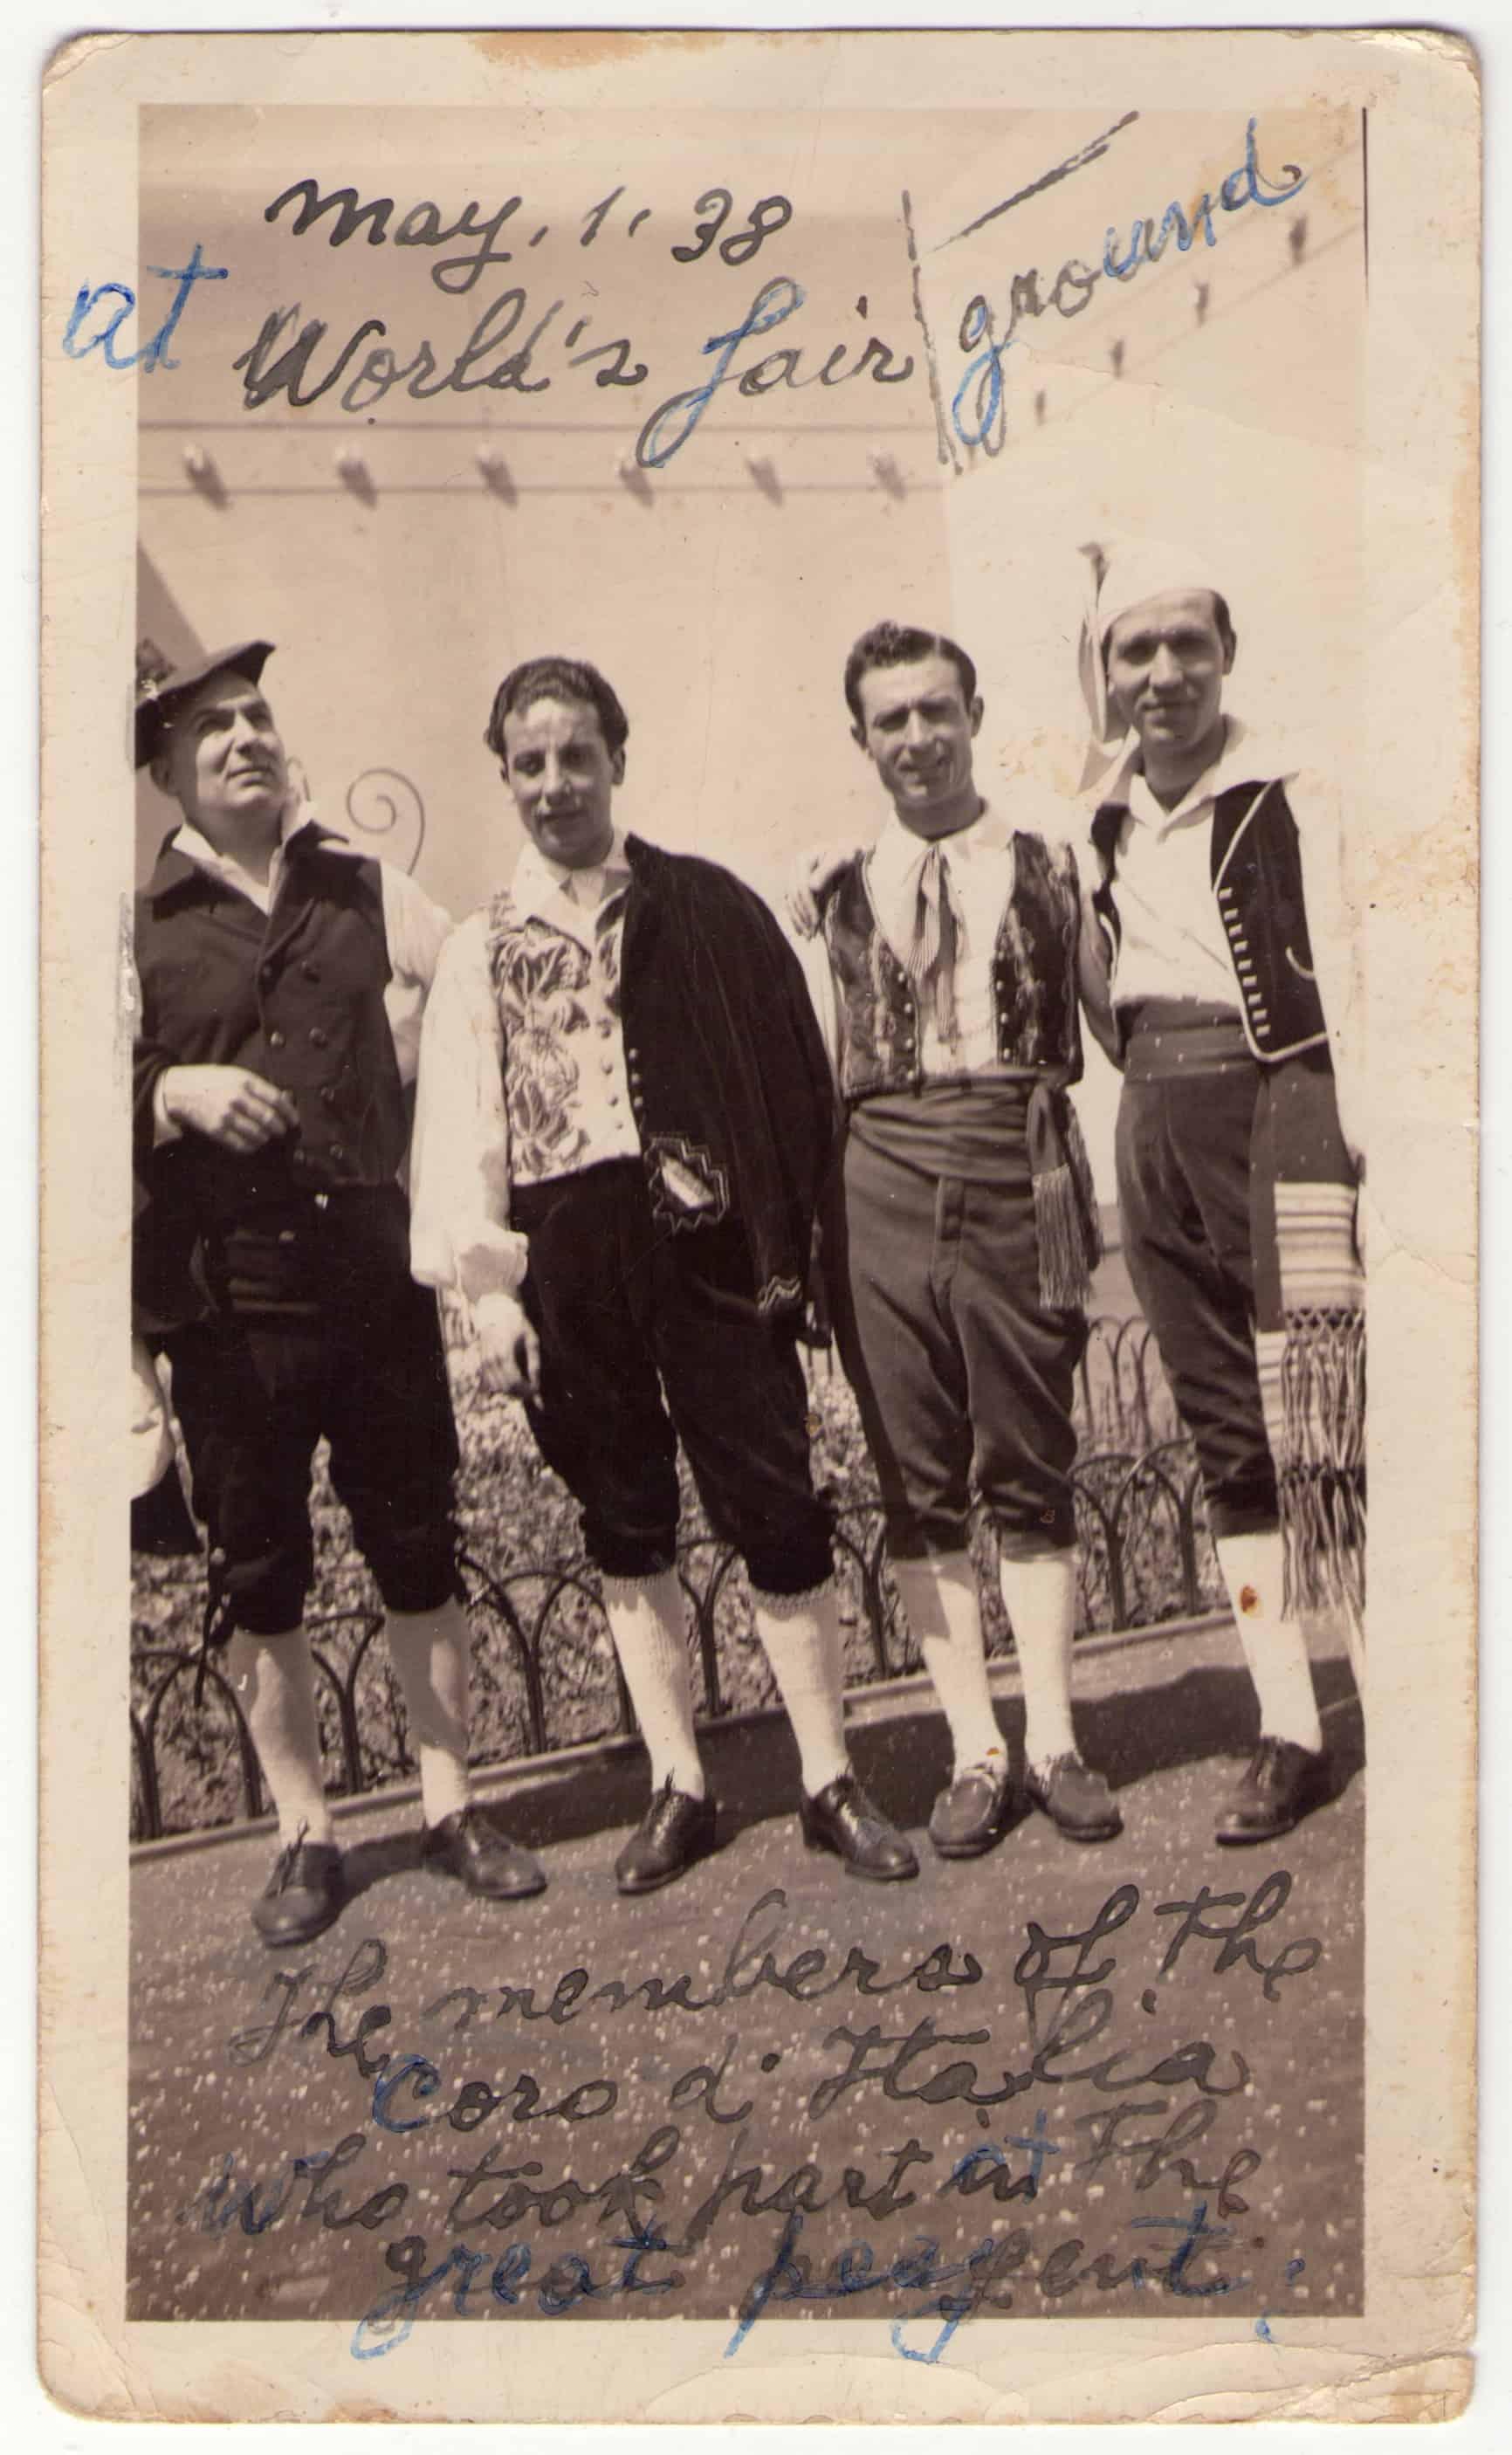 NY, Members of the Coro d'Italia